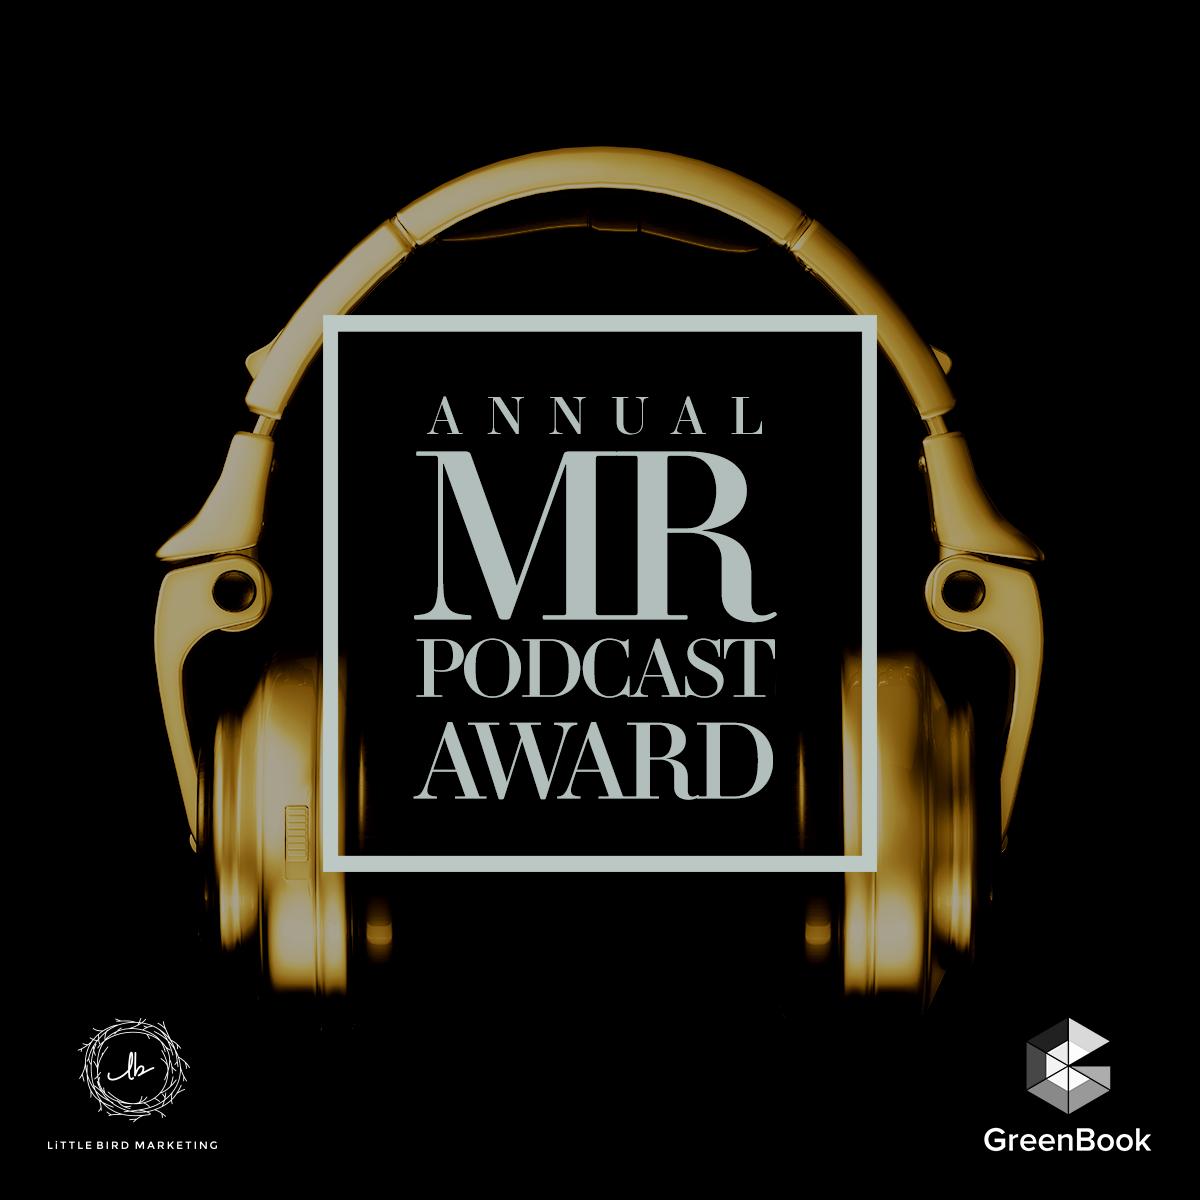 annual-mr-podcast-award-look-feel-1